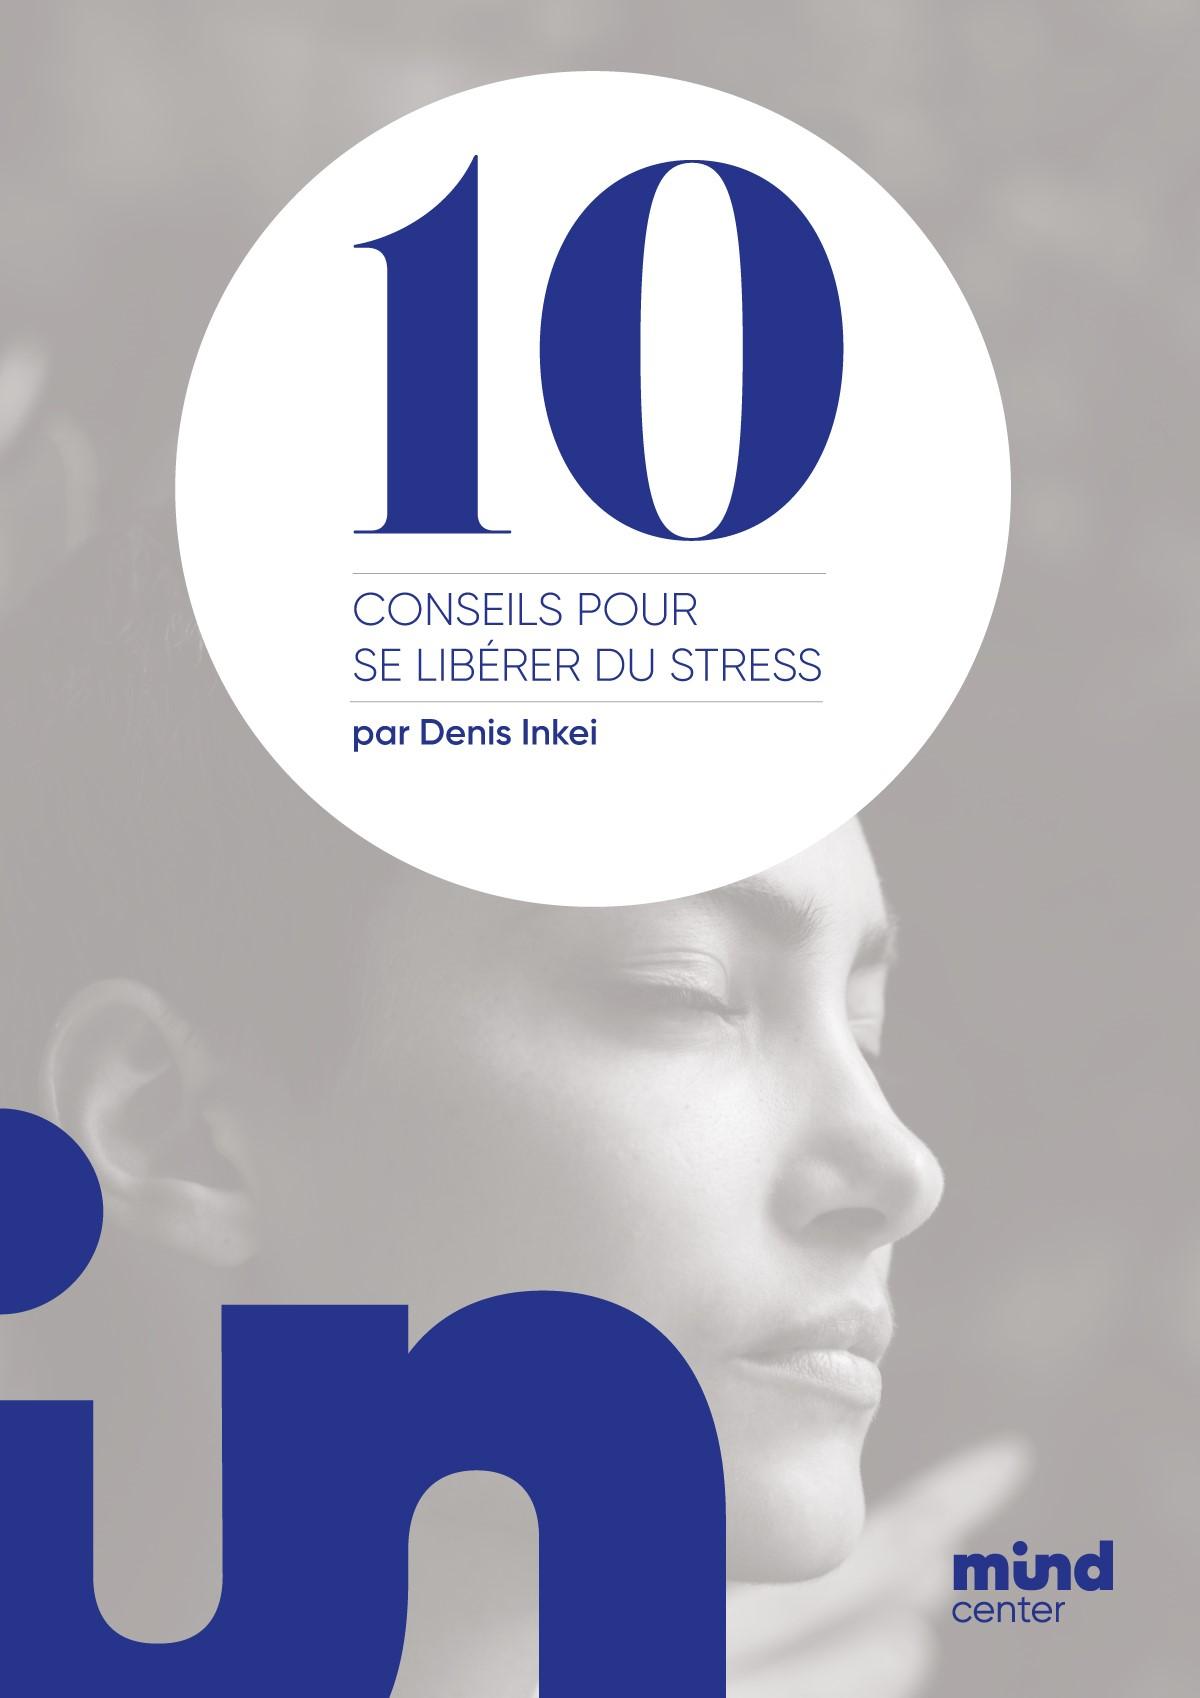 Guide dix conseils pour se libérer du stress par Denis Inkei Genève